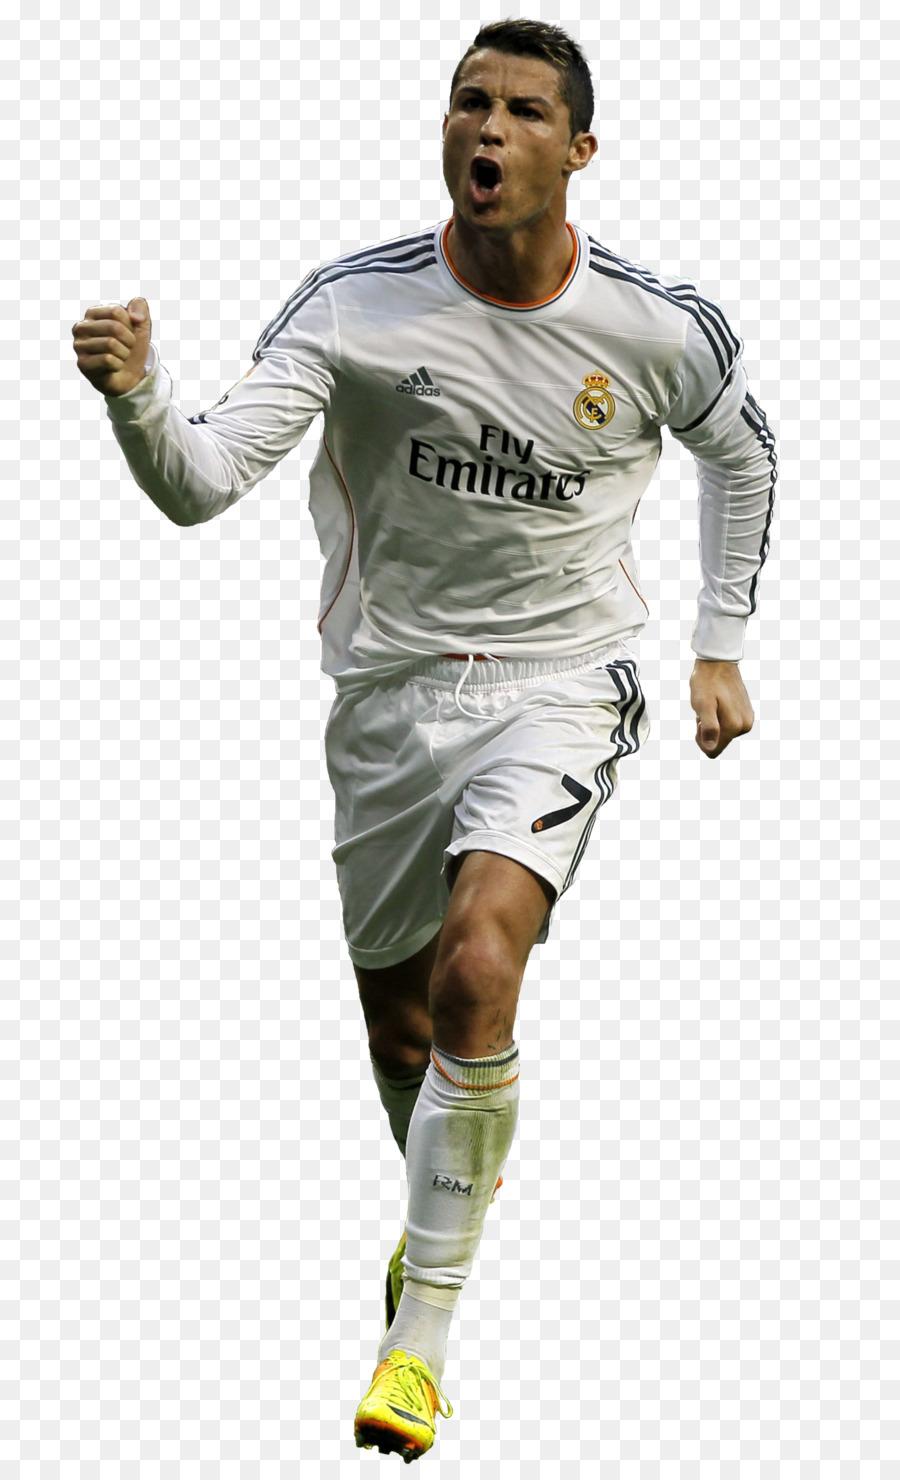 Cristiano Ronaldo clipart.